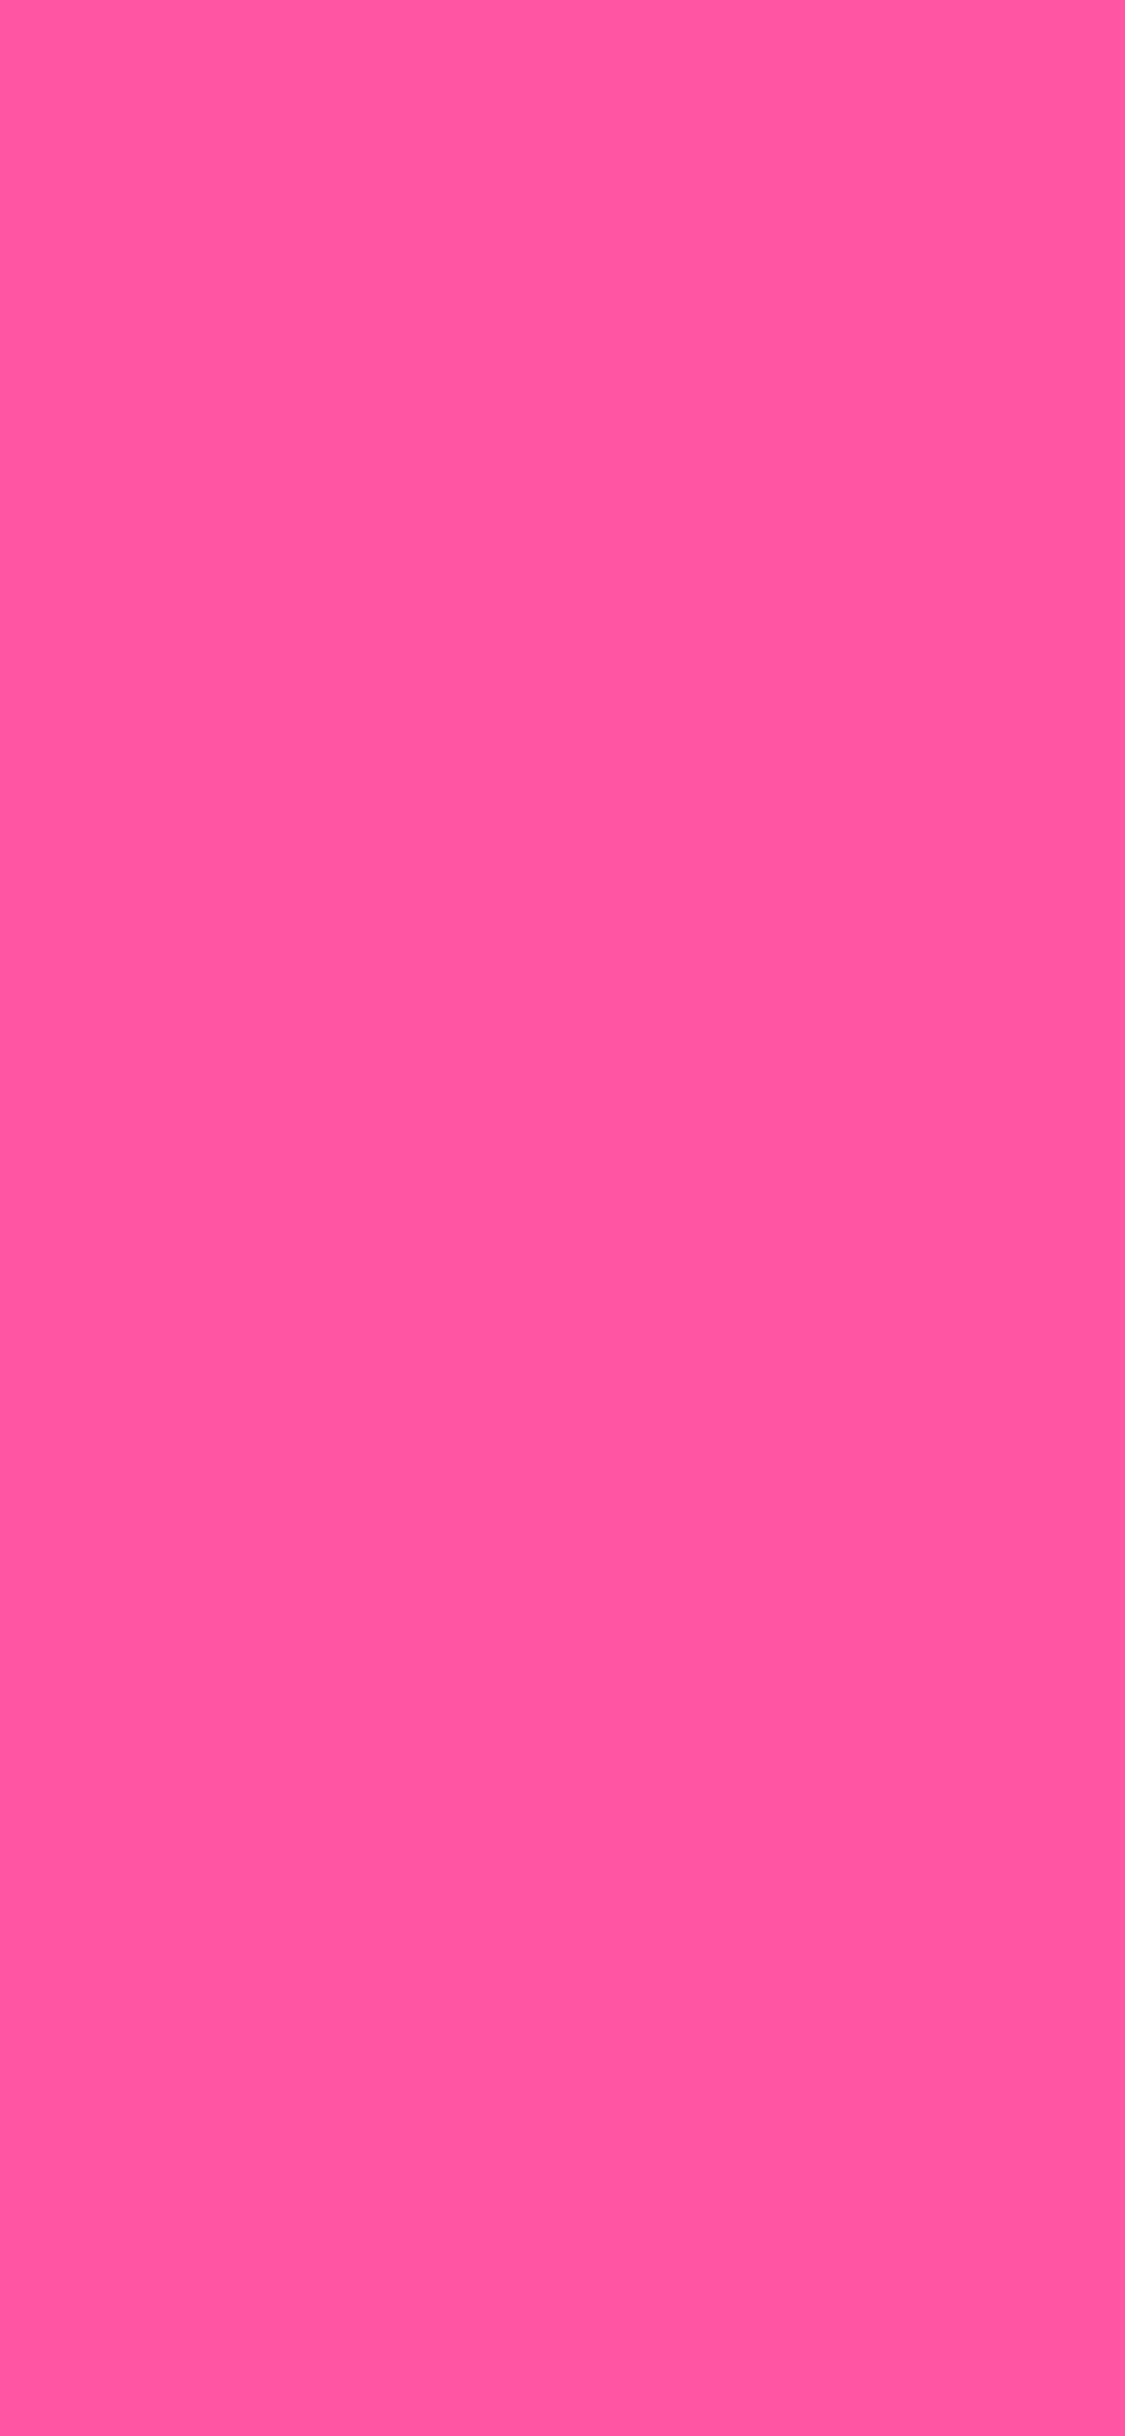 1125x2436 Magenta Crayola Solid Color Background